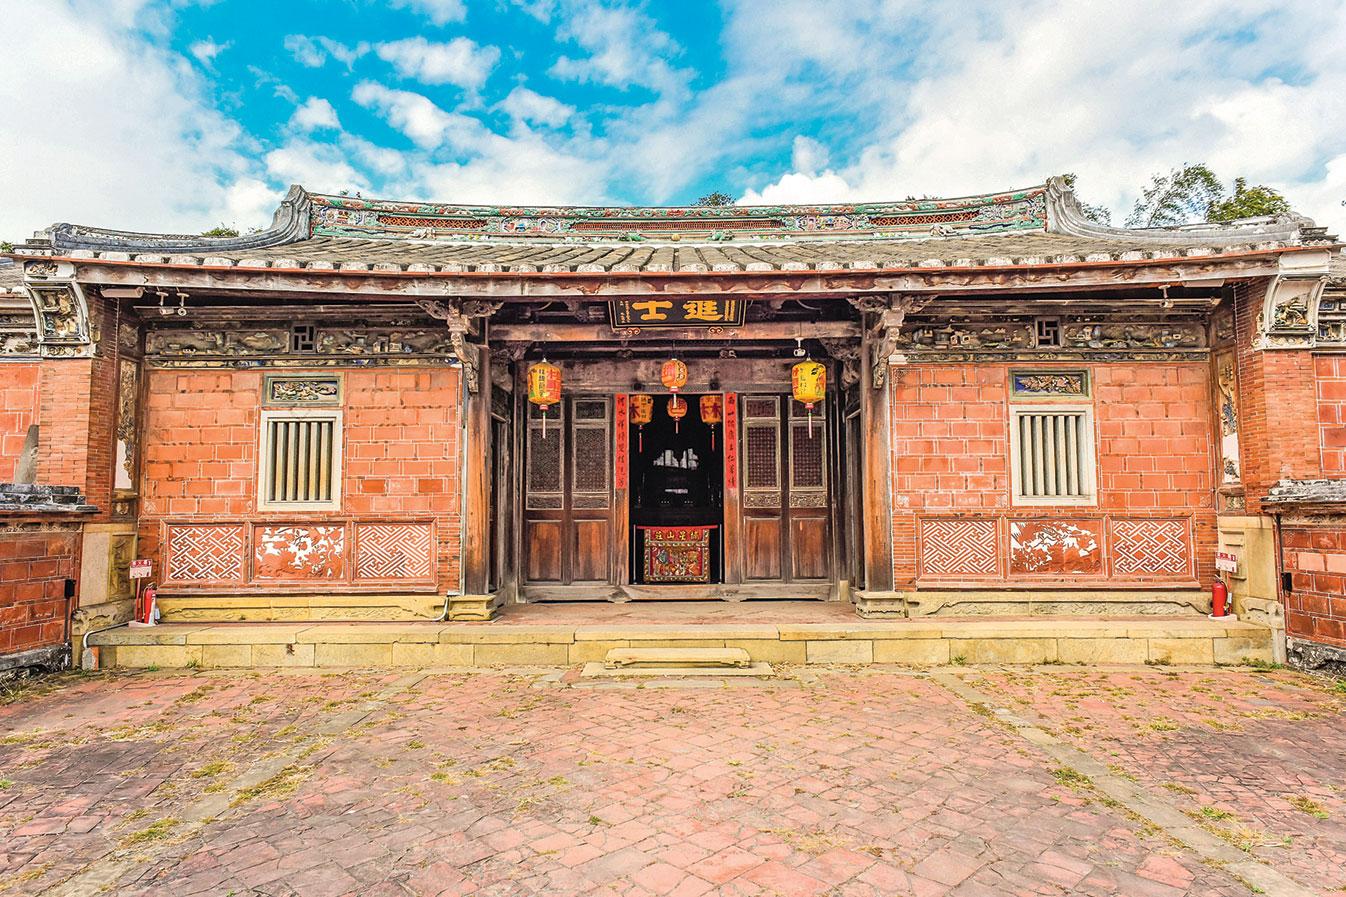 自宋以來,殿試只排名次不會黜落。即,通過會試的都是進士。圖為台灣台中傳統進士府。(Shutterstock)